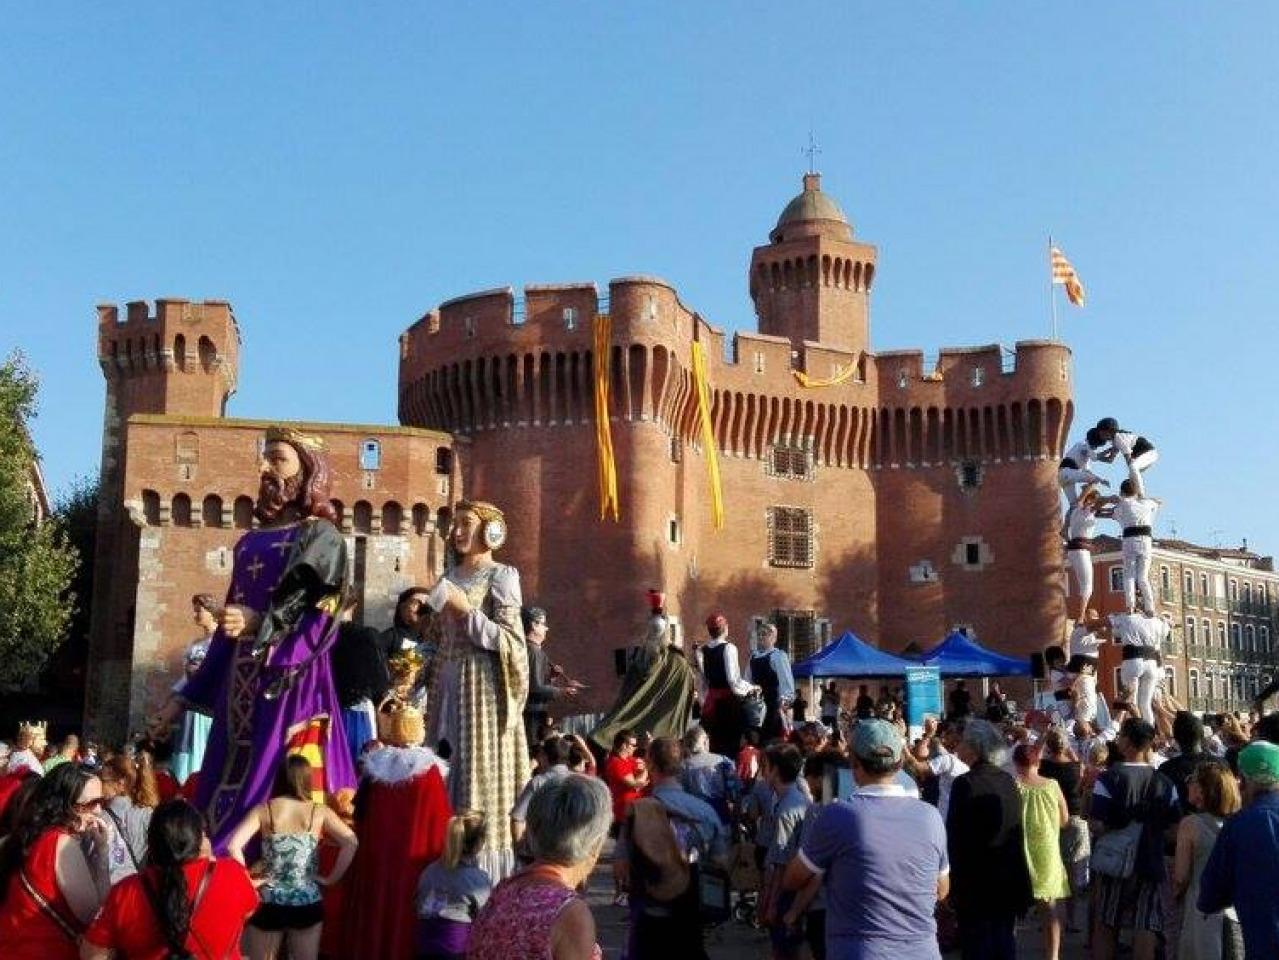 Les colles de barcelona que participen a la diada d adifolk a perpiny cultura popular - Agenda cultura barcelona ...